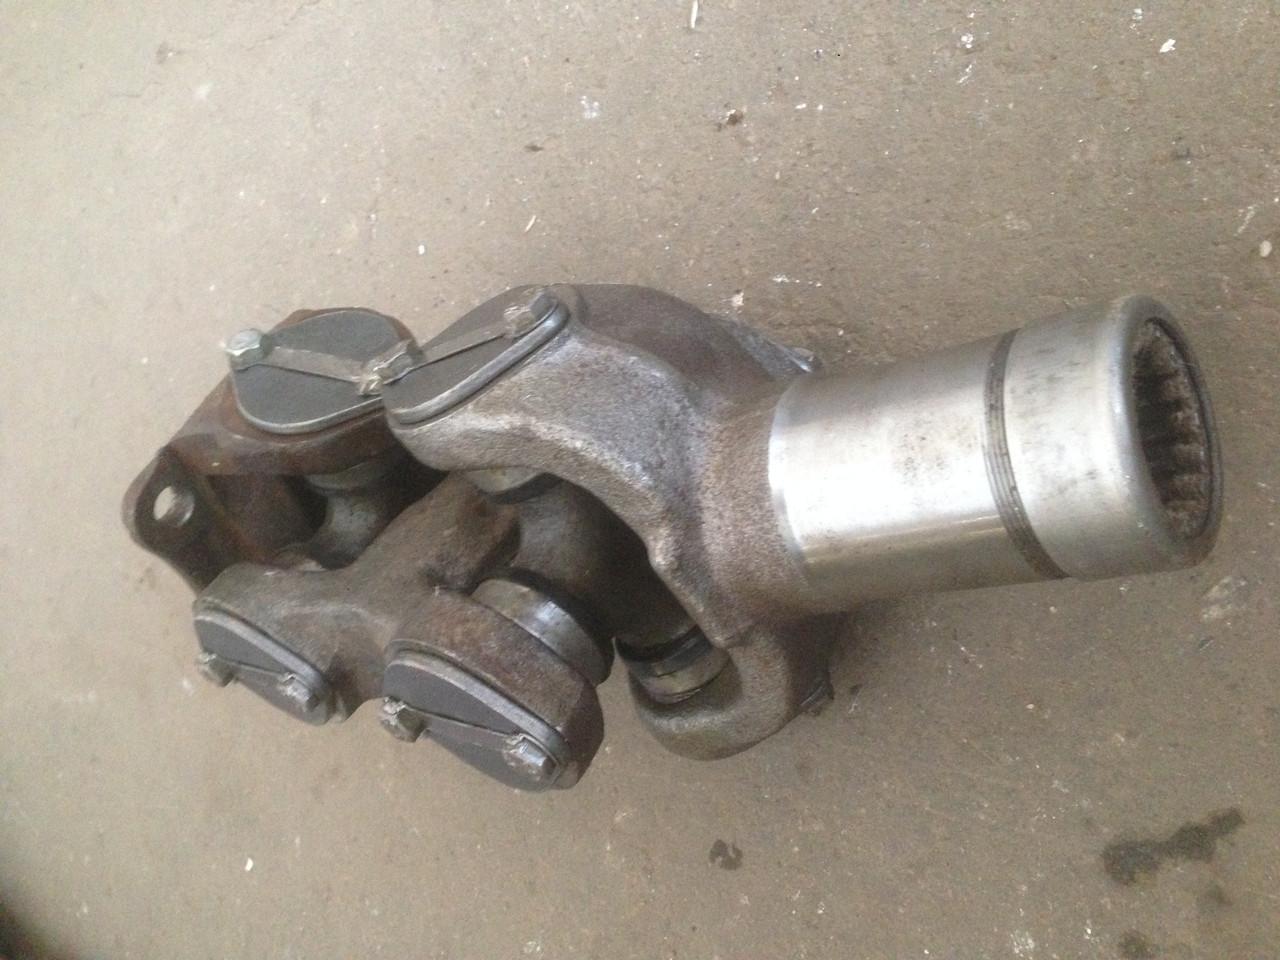 Вилка двойная 151.36.023-2 среднего кардана, трактора Т-150,Т-156,Т-17221,Т-17021